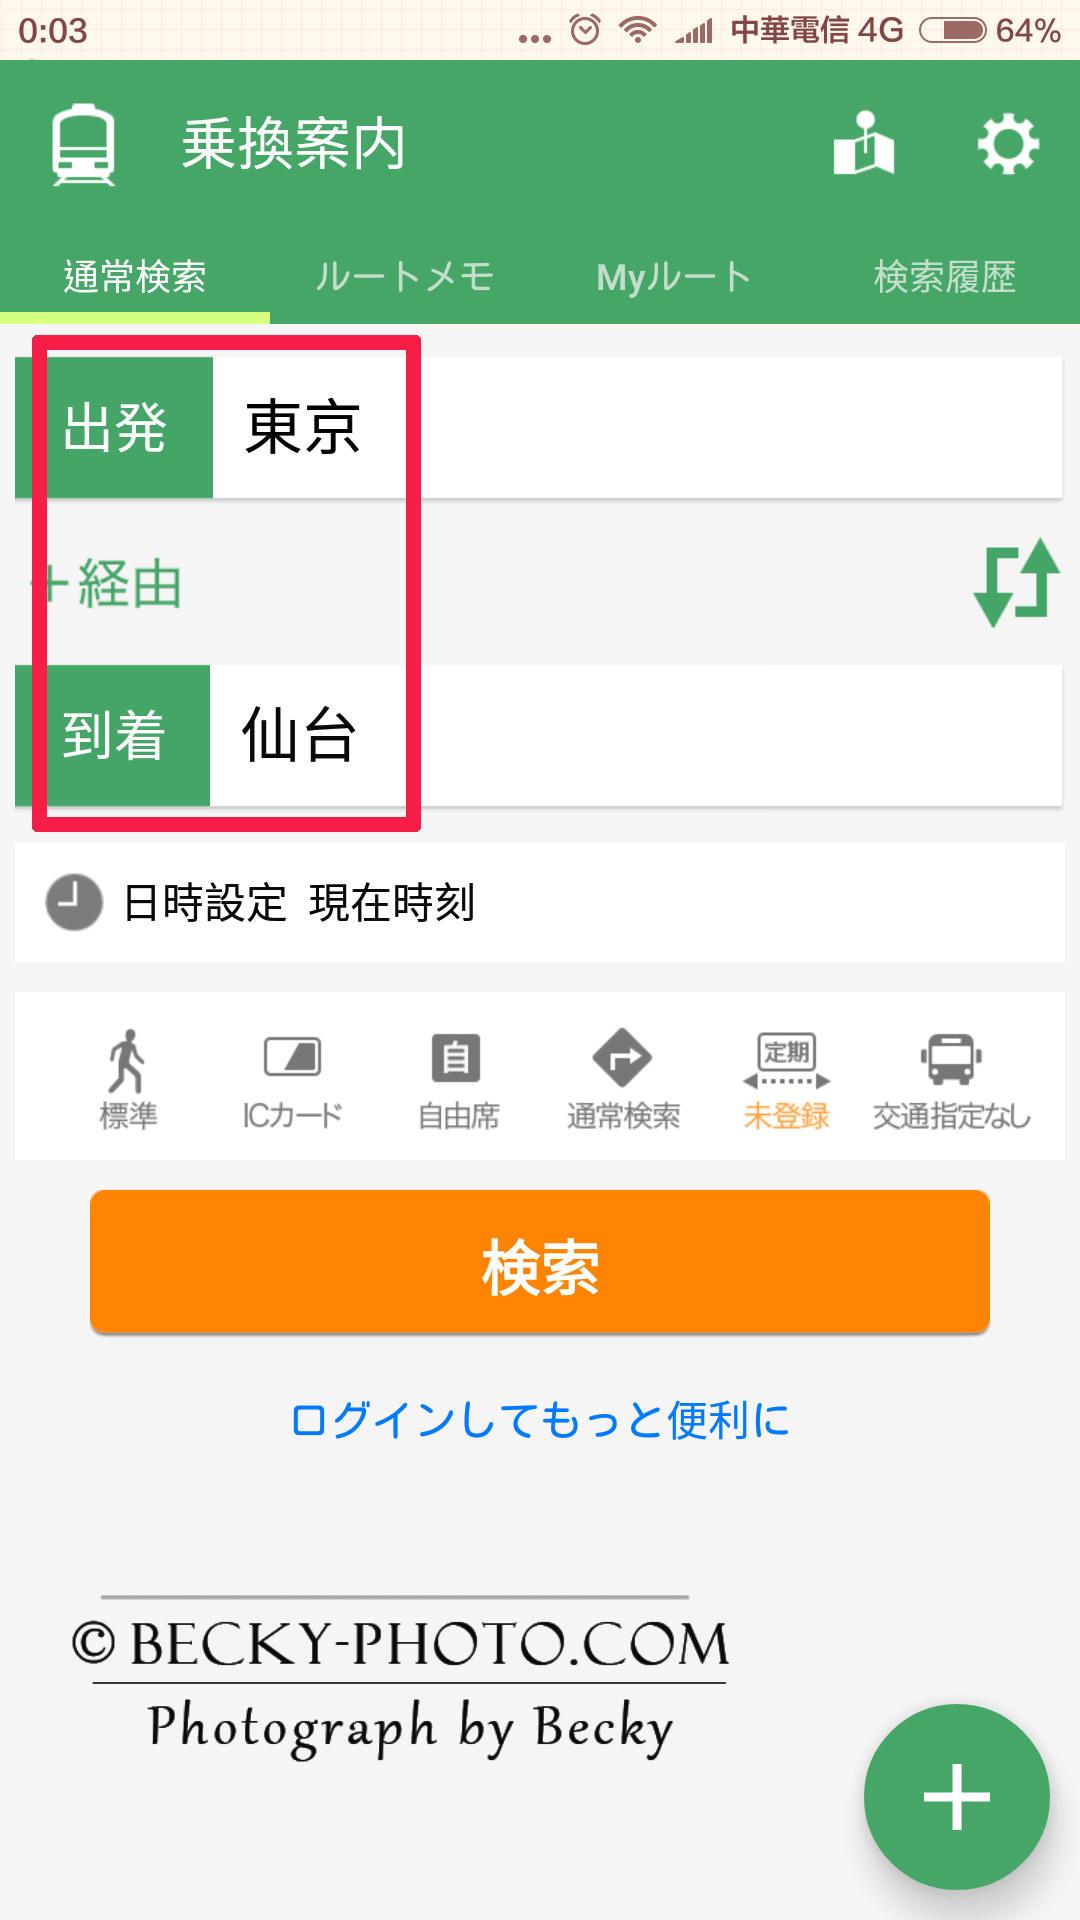 【日本自由行工具】。必備APP手機路線查詢 《Y!乘換案內》:轉乘,時刻表,運行情報操作方式 - [自己的小小 ...